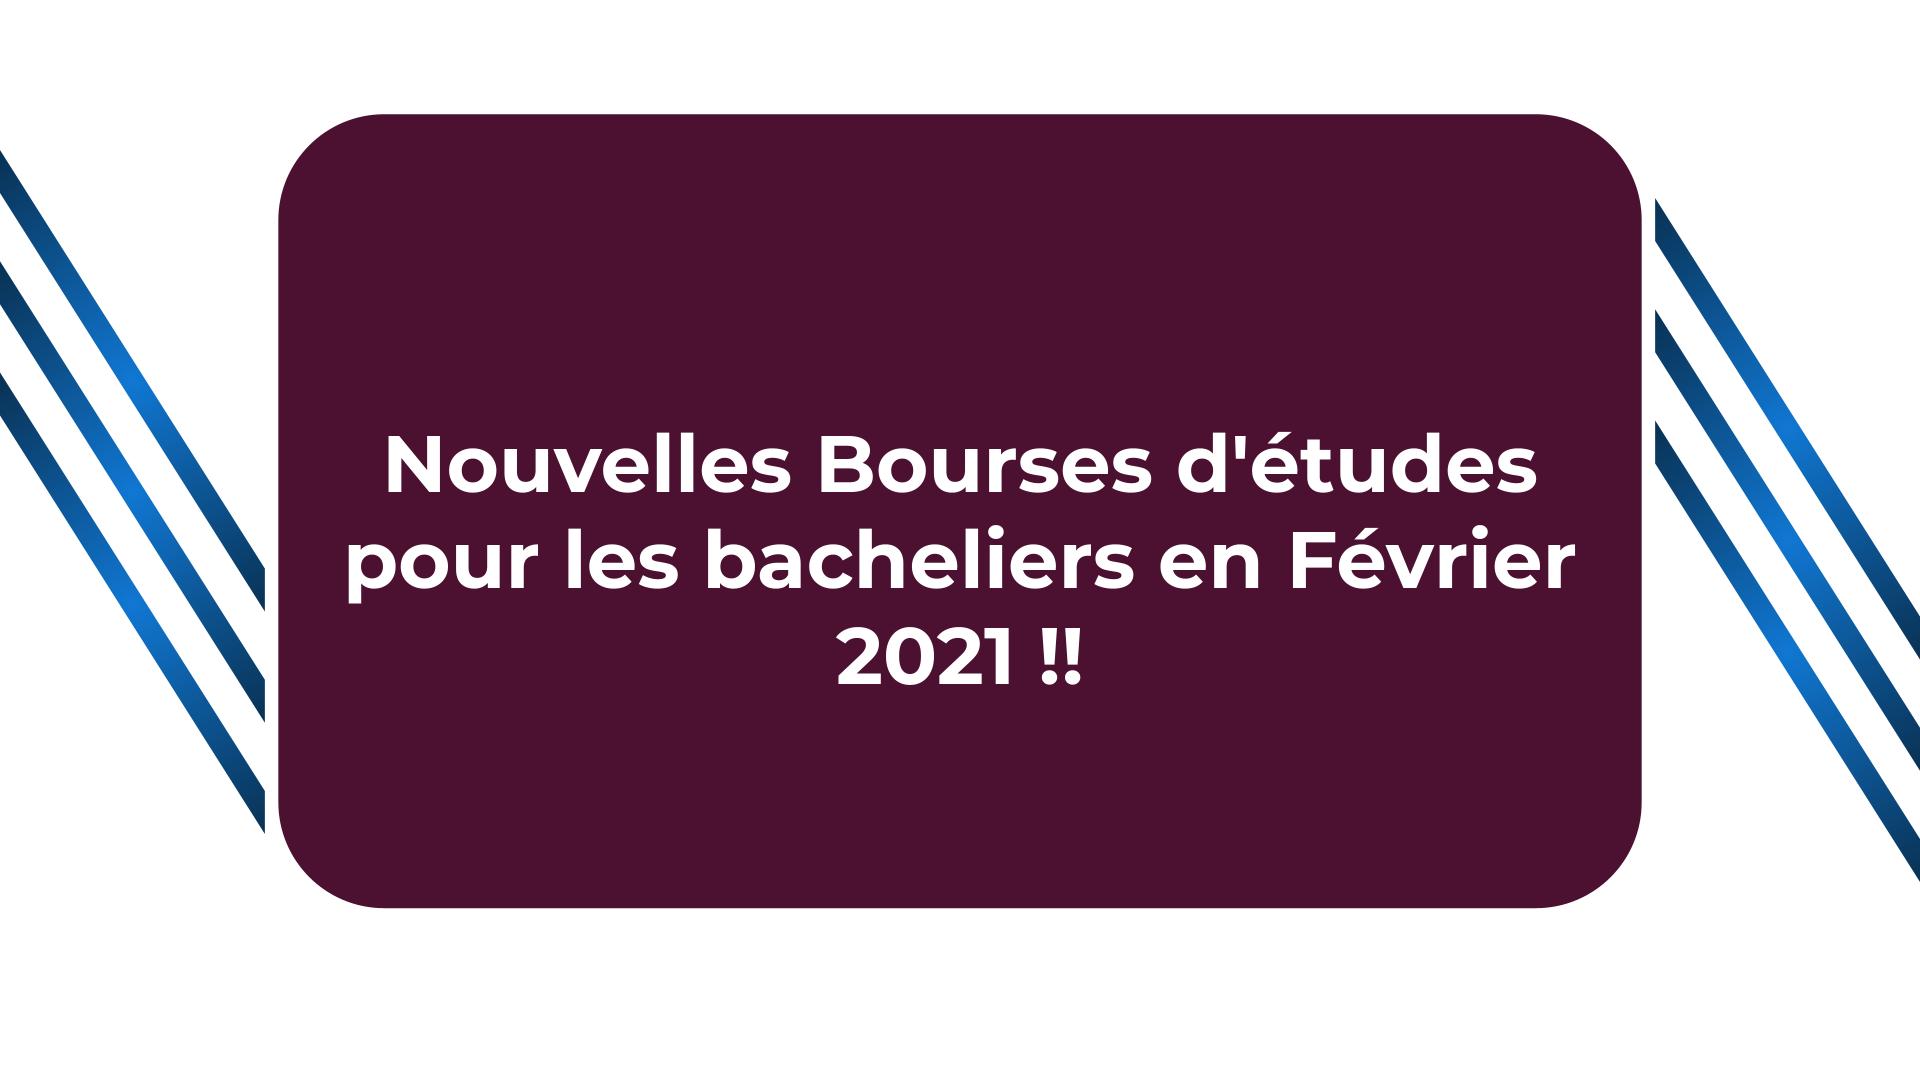 bourses d'études pour les bacheliers Février 2021